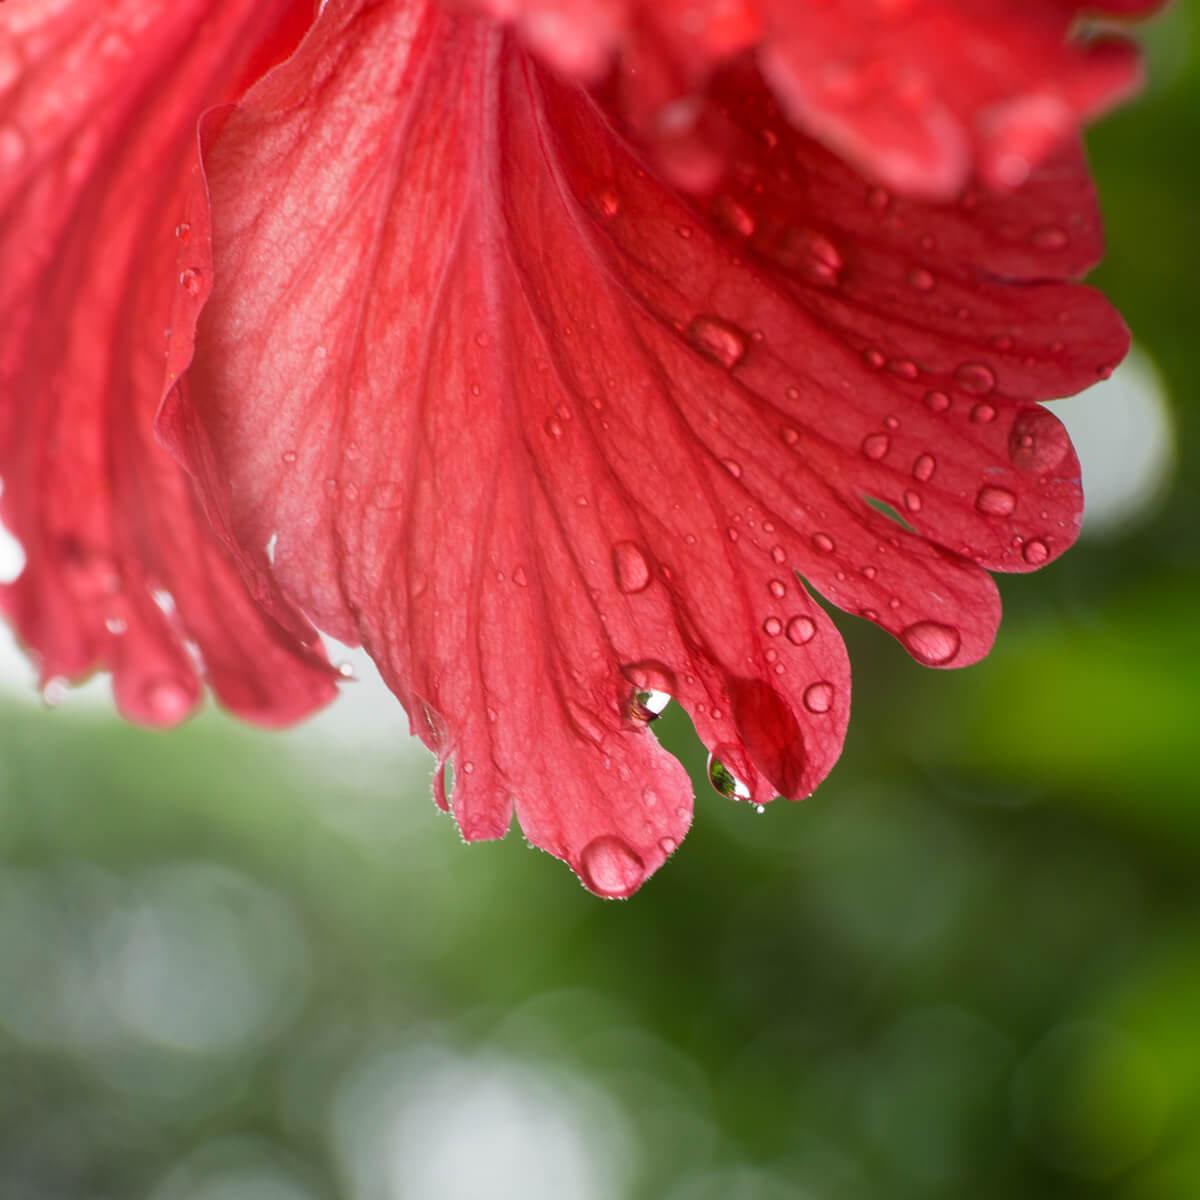 屋久島のハイビスカスと雨のしずく 屋久島花とジュエリー オーダーメイドジュエリーのモチーフ